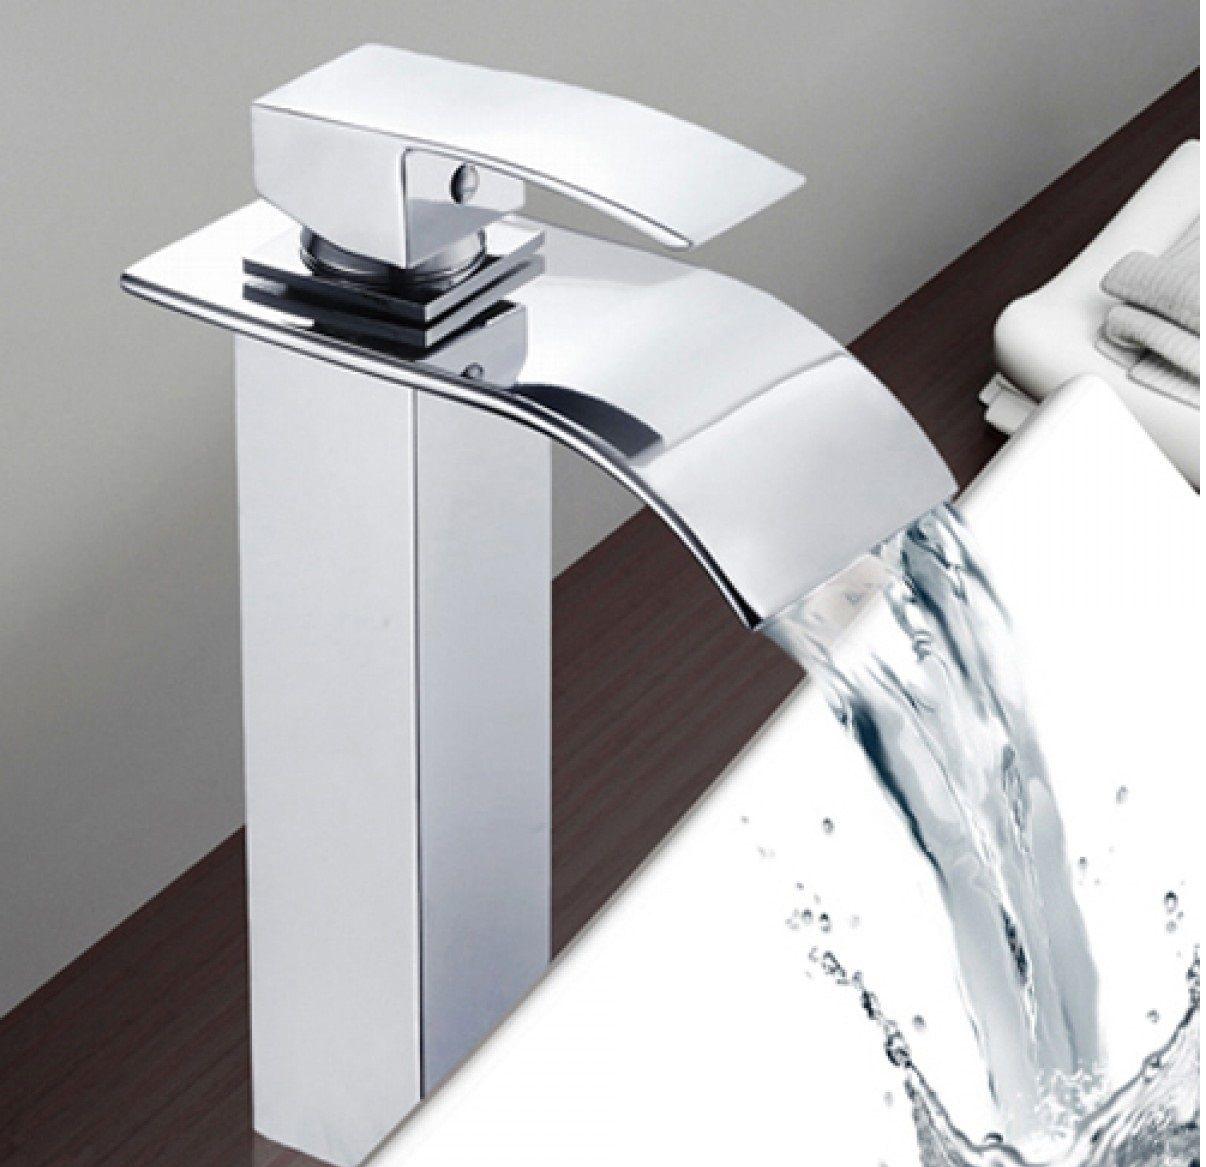 Ikea rubinetti ikea rubinetti ikea rubinetti faretti per for Rubinetti ikea bagno